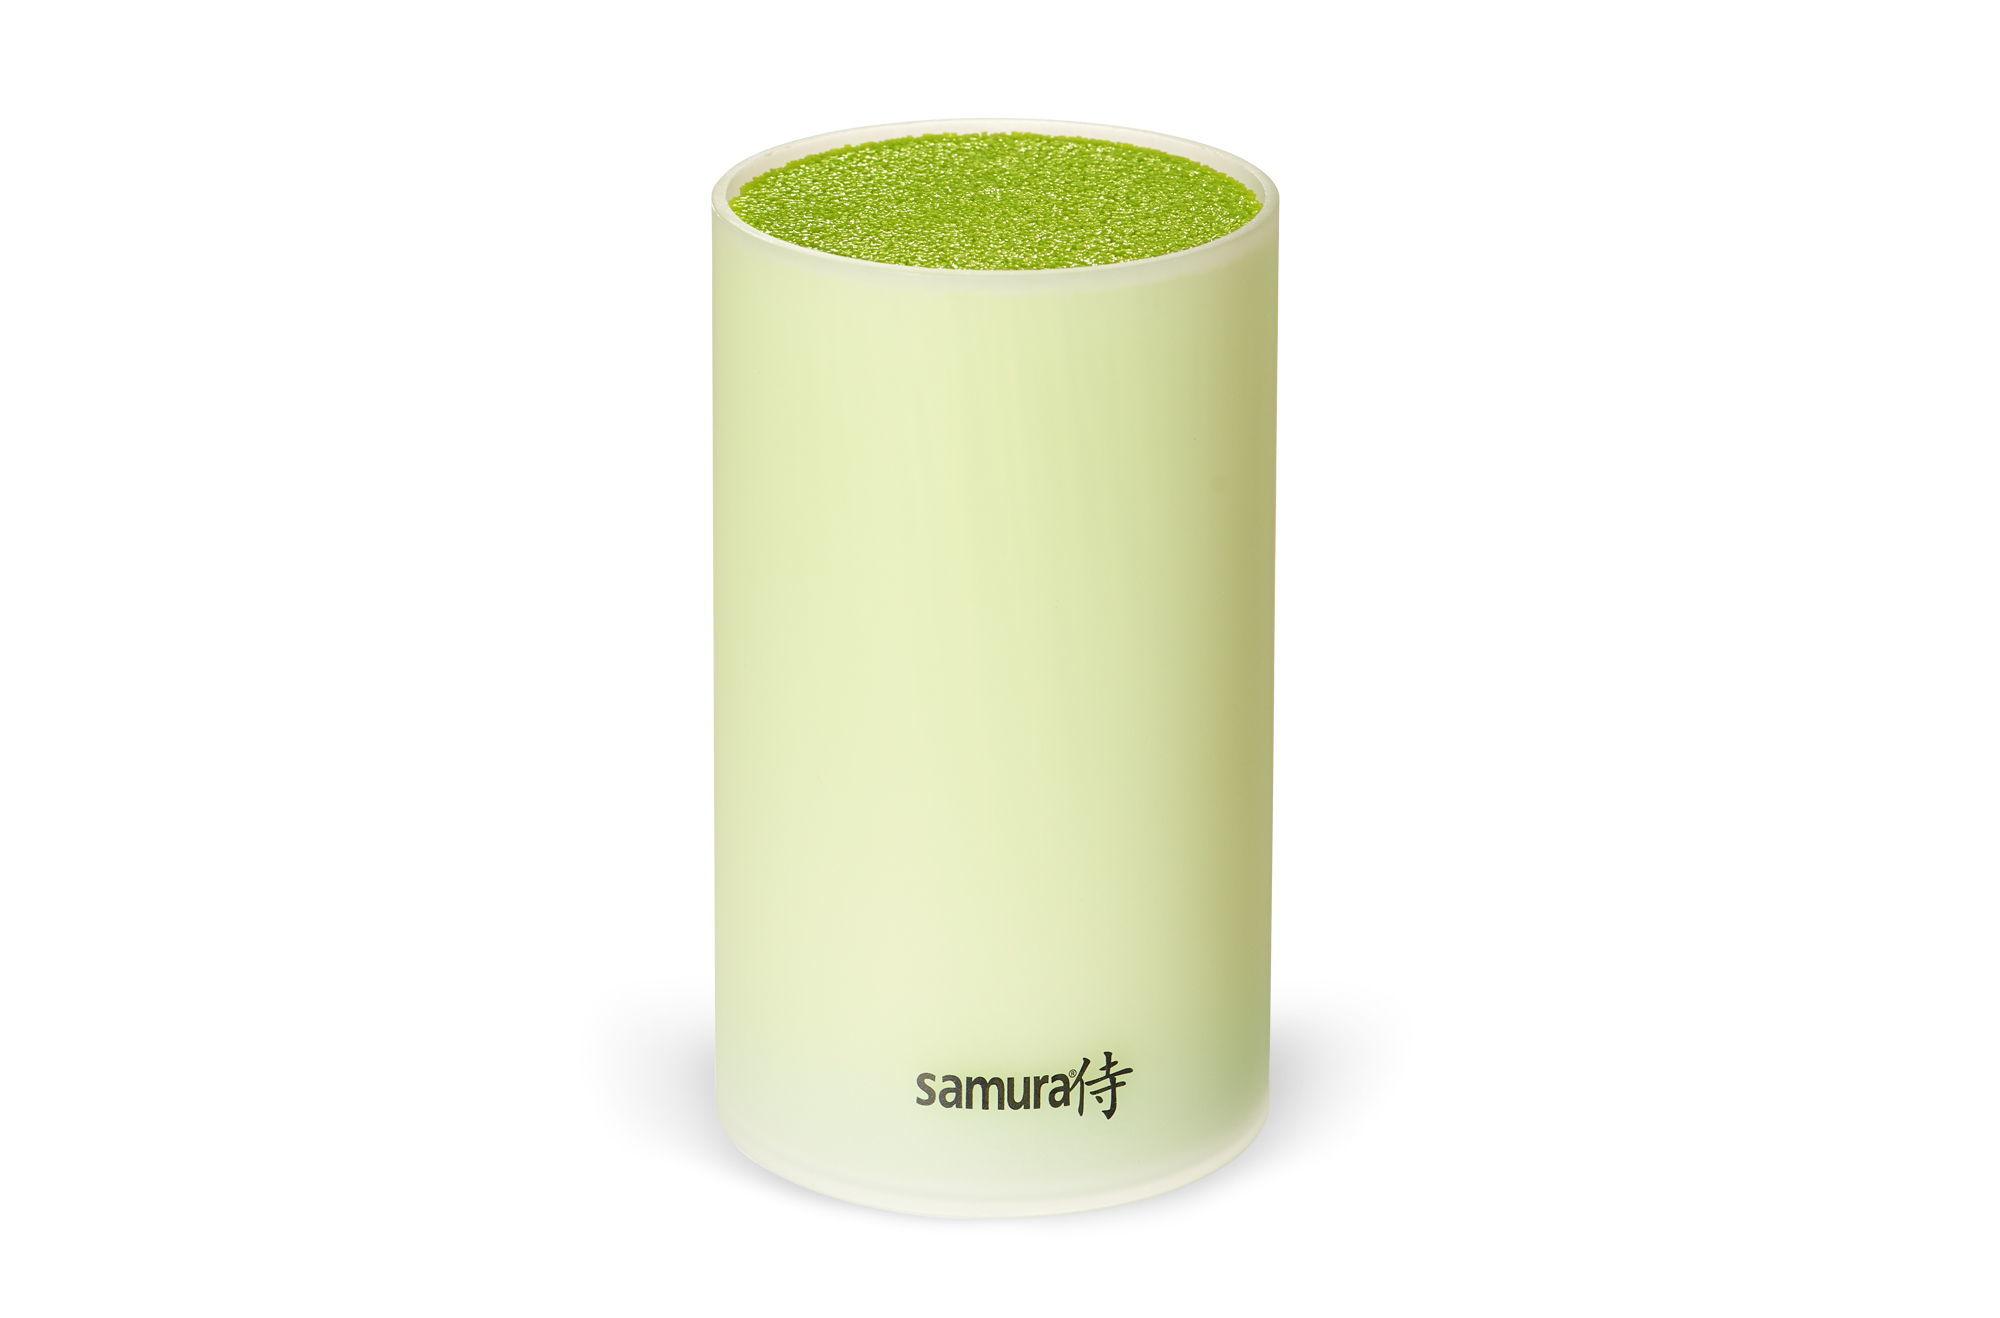 Фото - Подставка универсальная для ножей Samura, 180мм, пластик, матовая (салатовая) подставка для ножей универсальная samura металл kbm 100 kbm 100 k kbm 100y